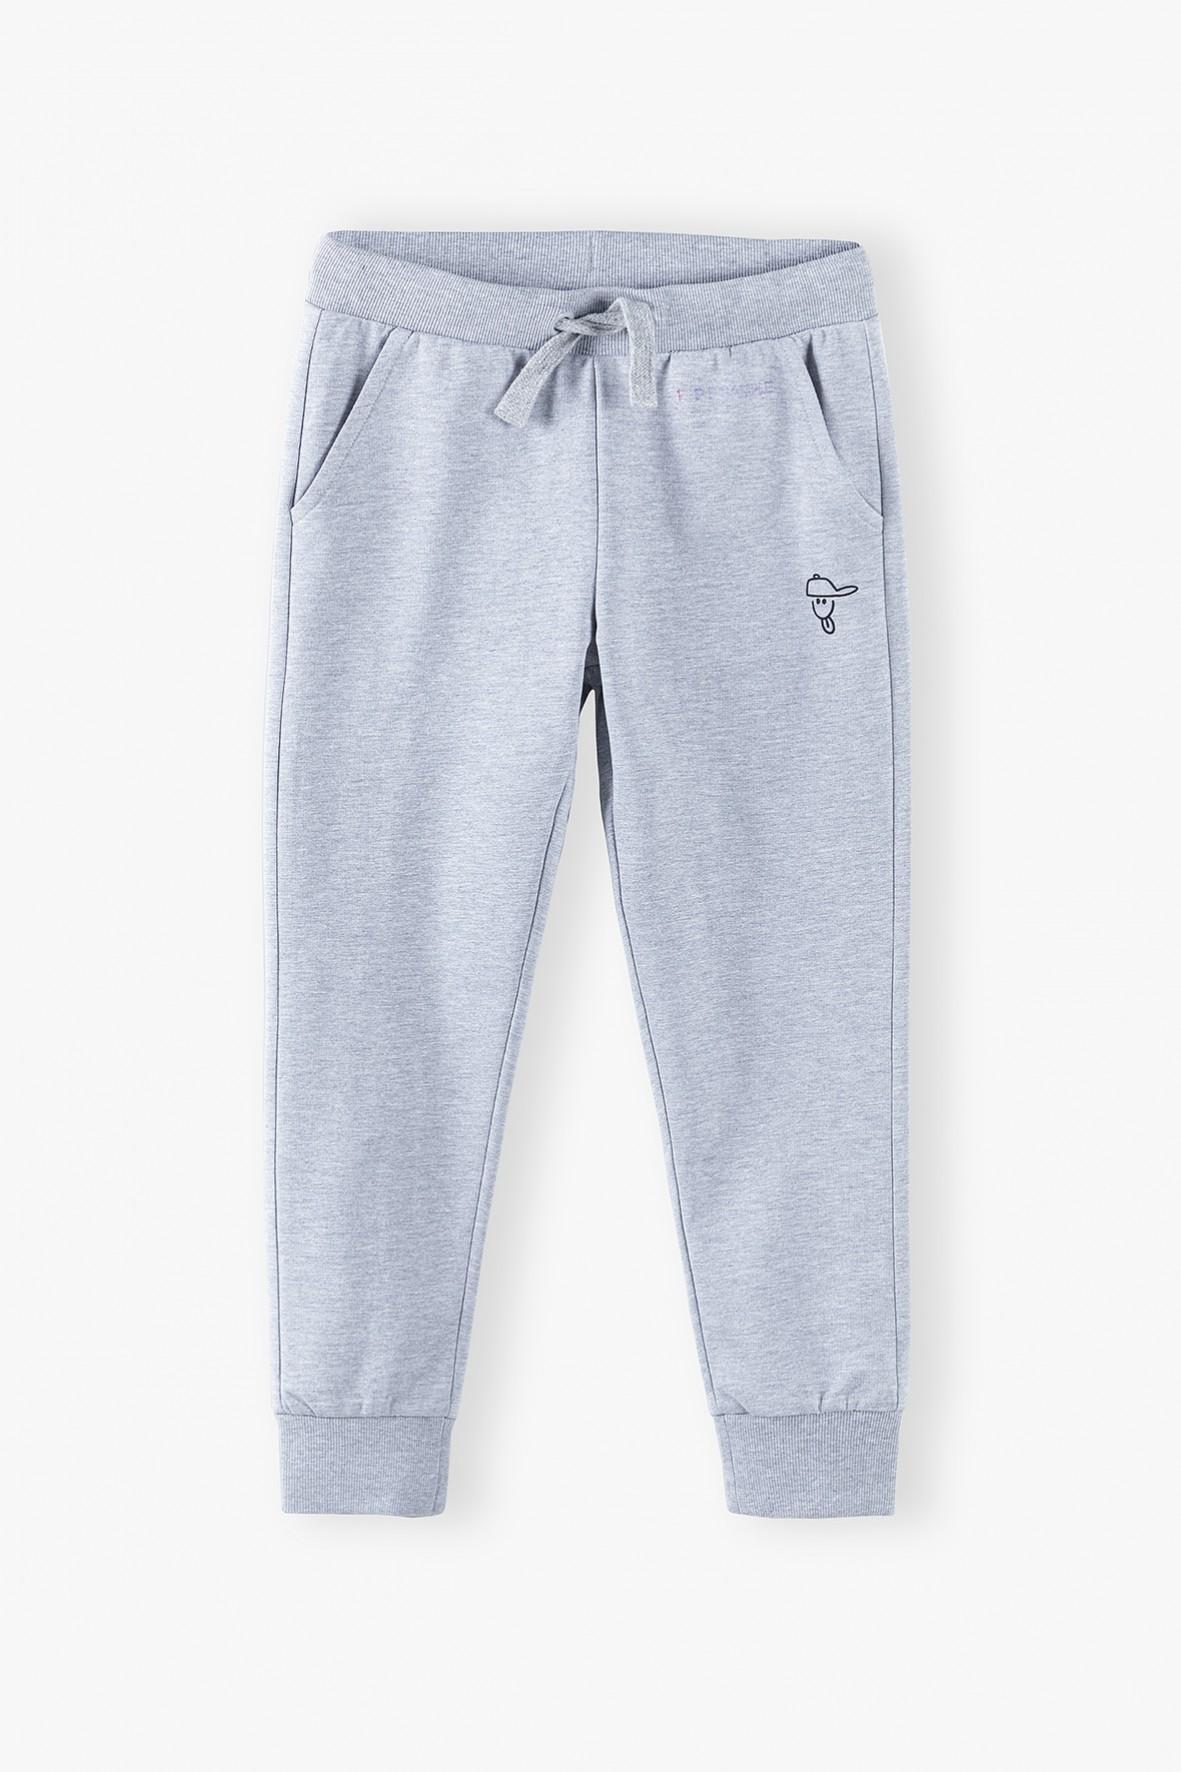 Spodnie sportowe chłopięce - szare